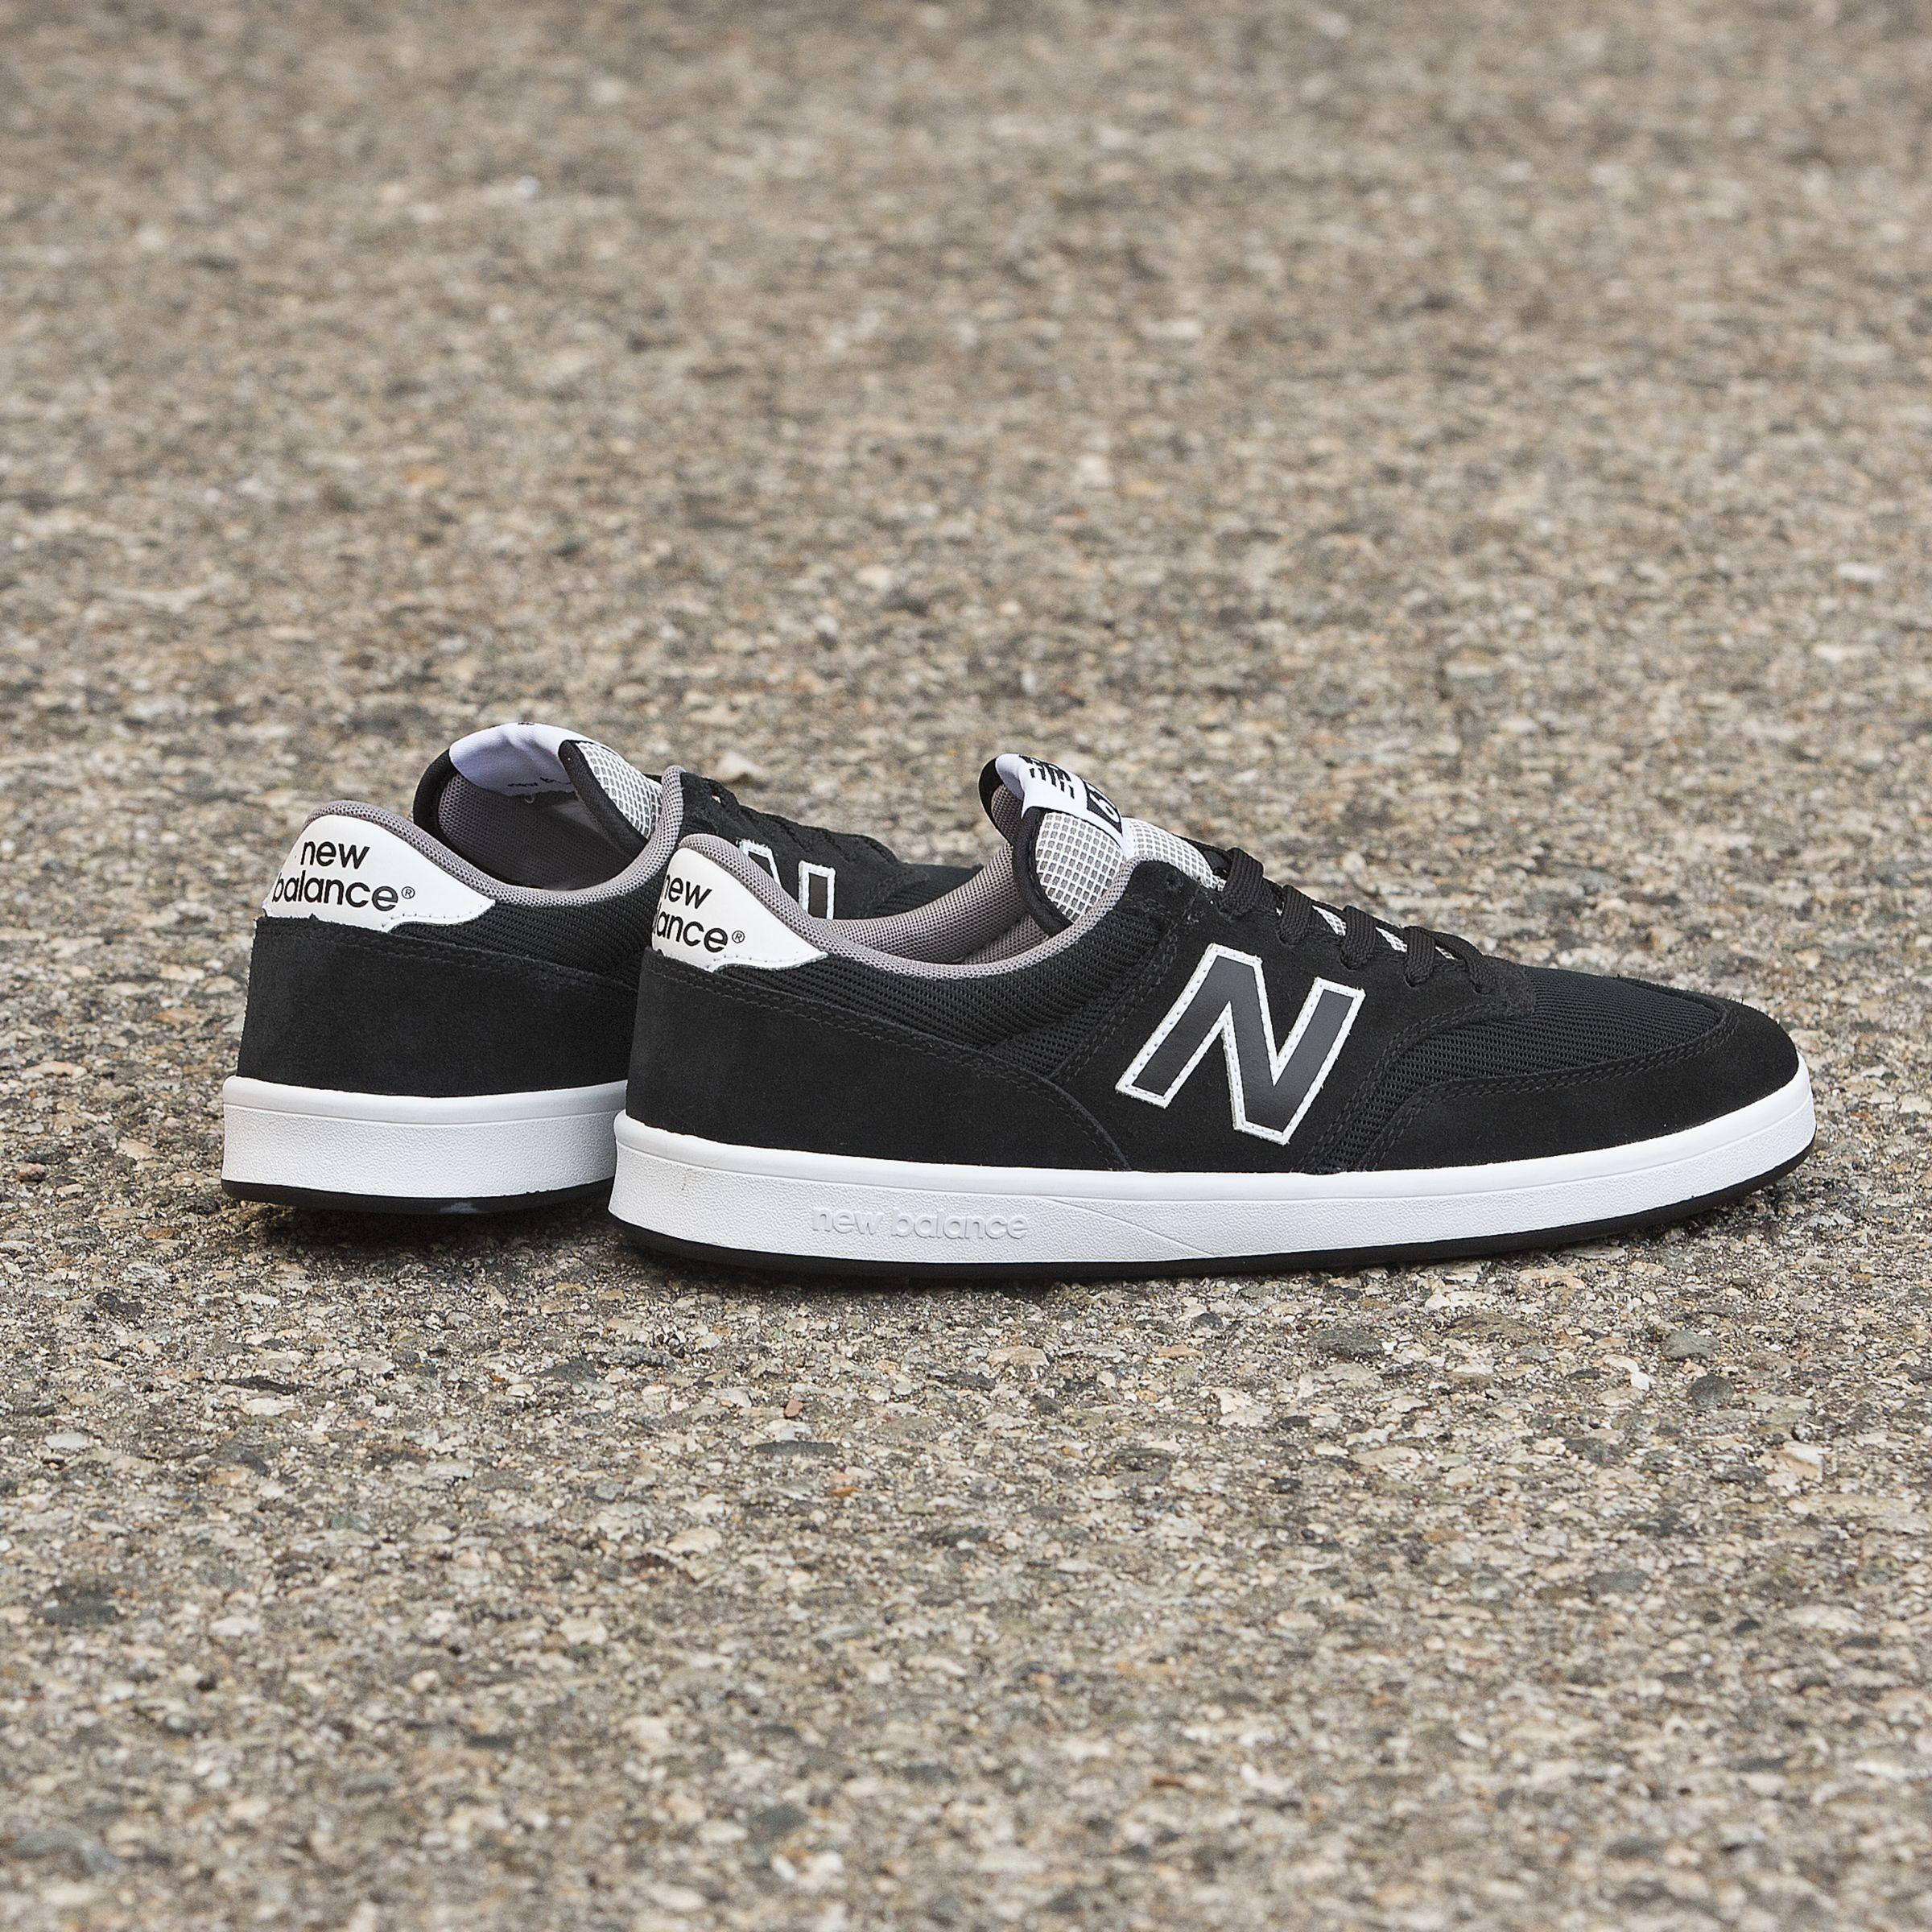 new balance 617 black \u003e Clearance shop